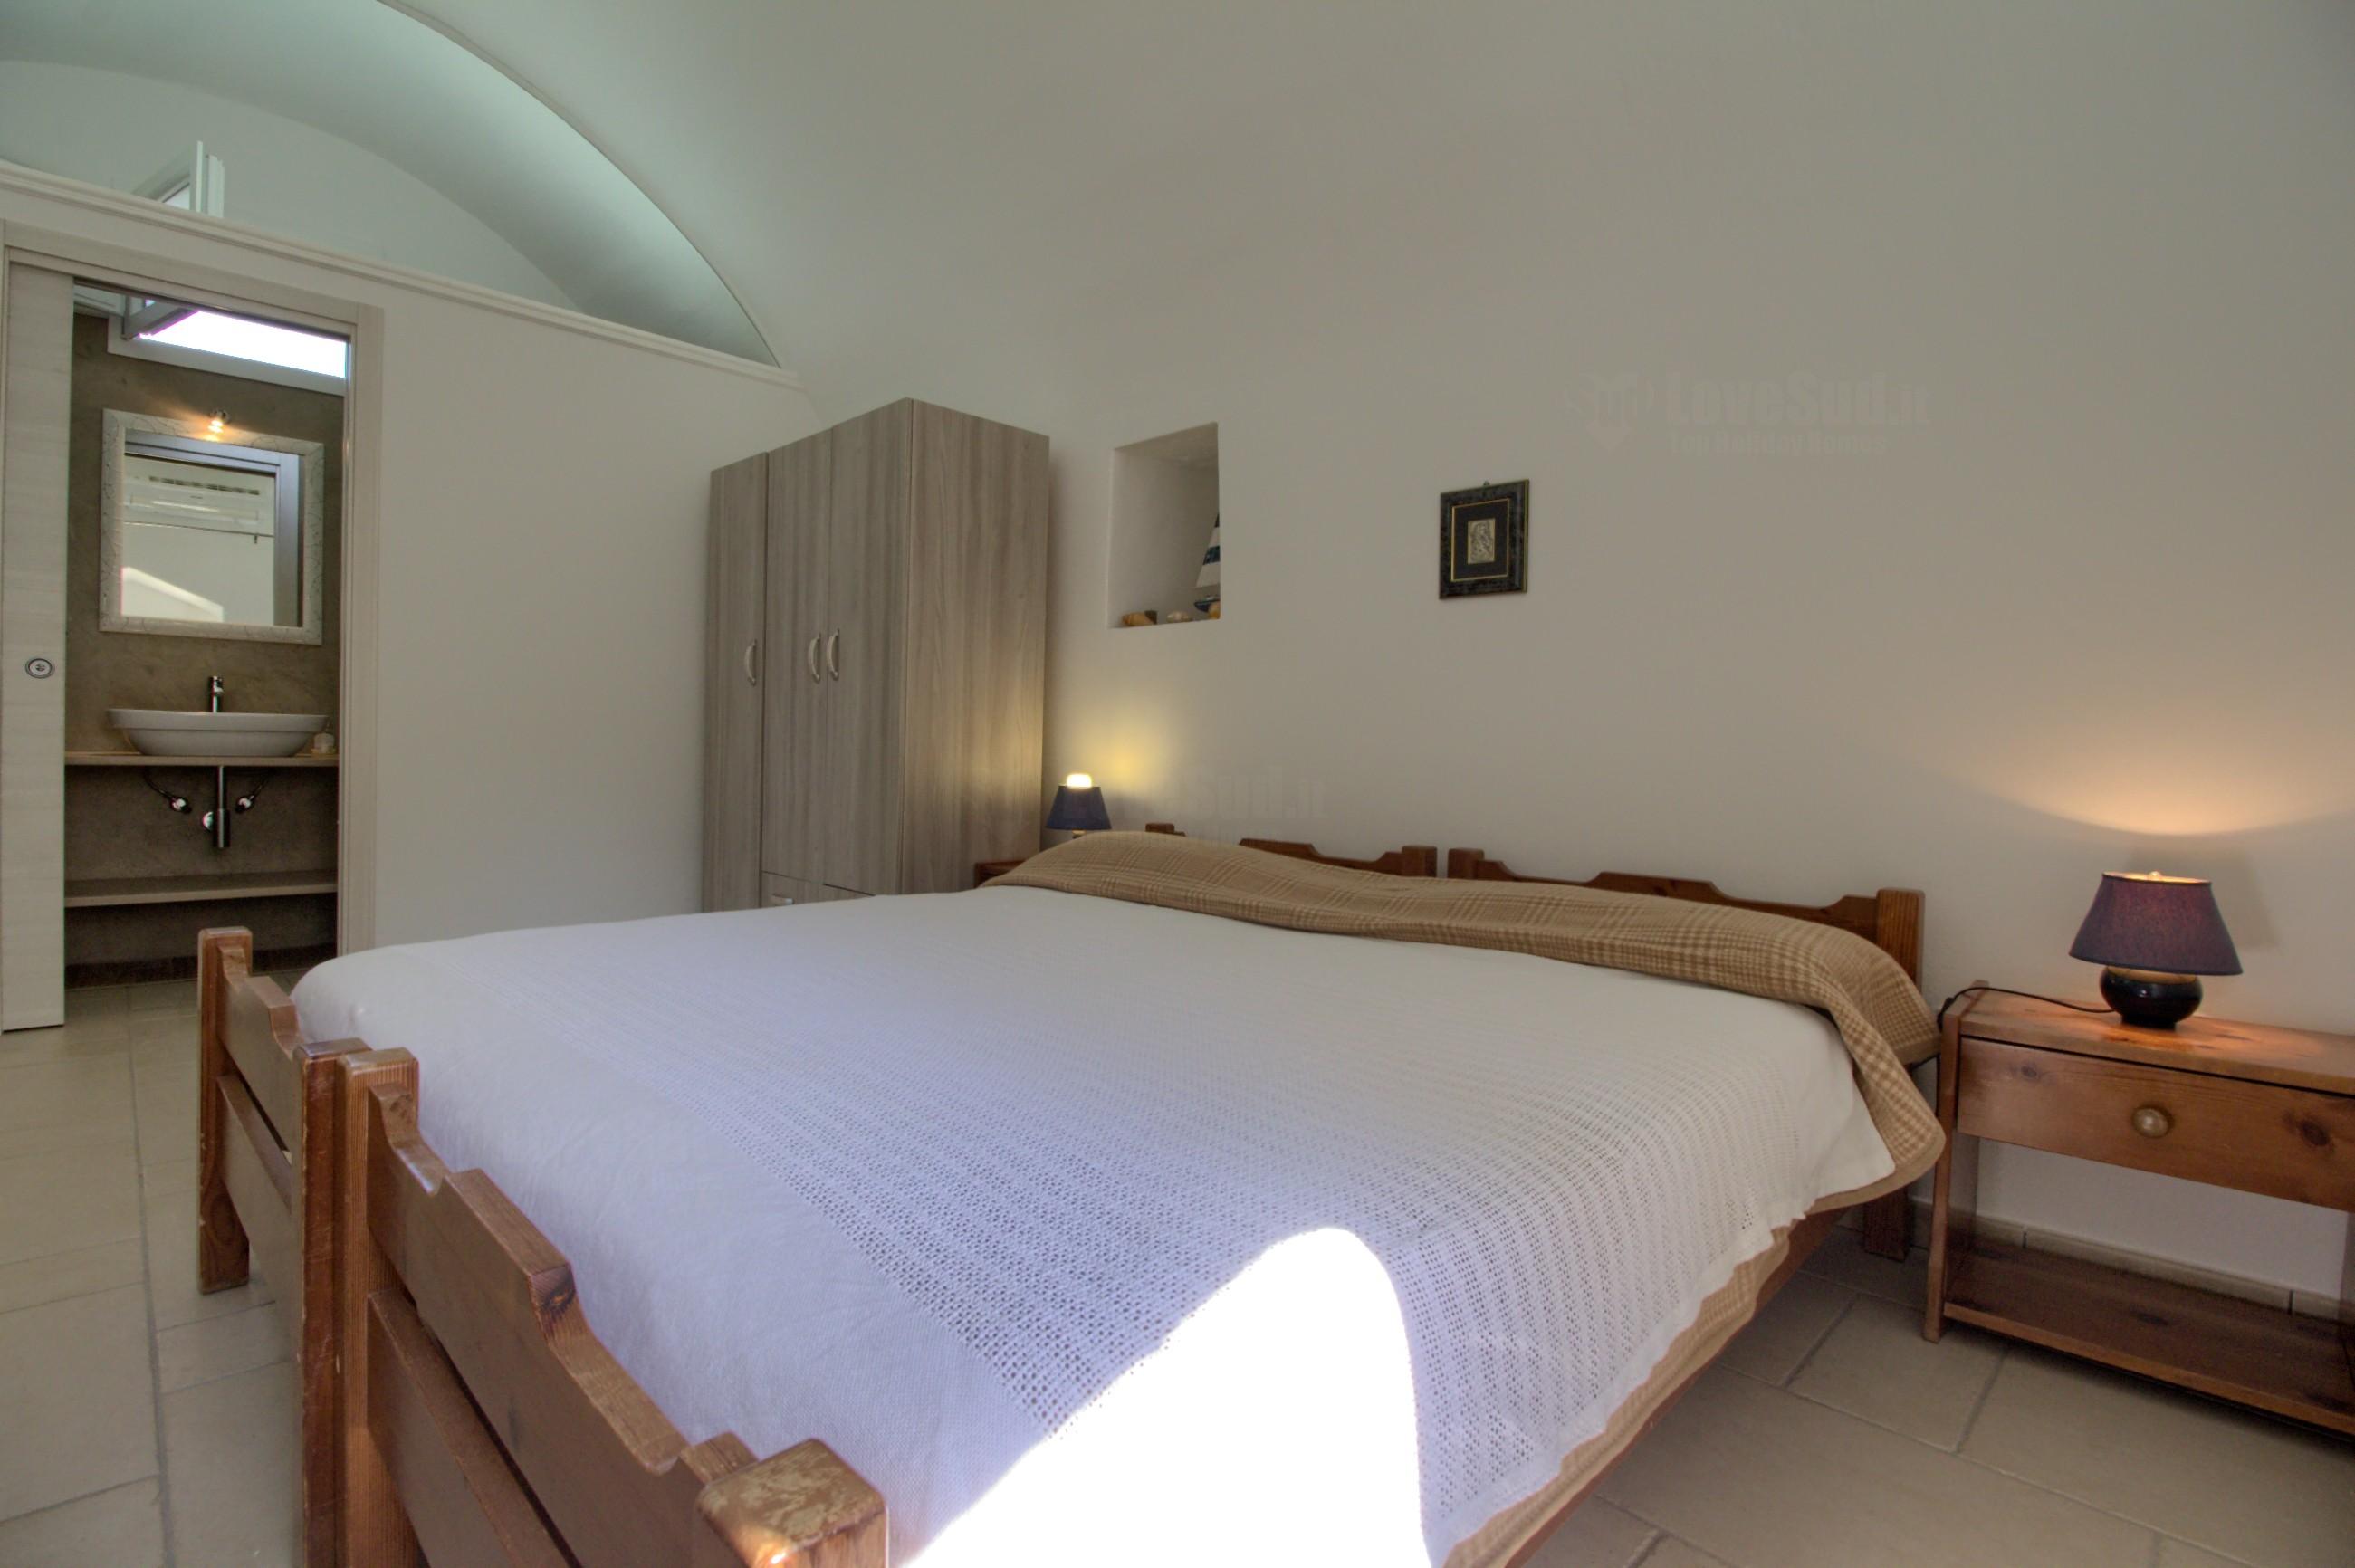 Apartment Grazia lovely seaview Pescoluse photo 22167162